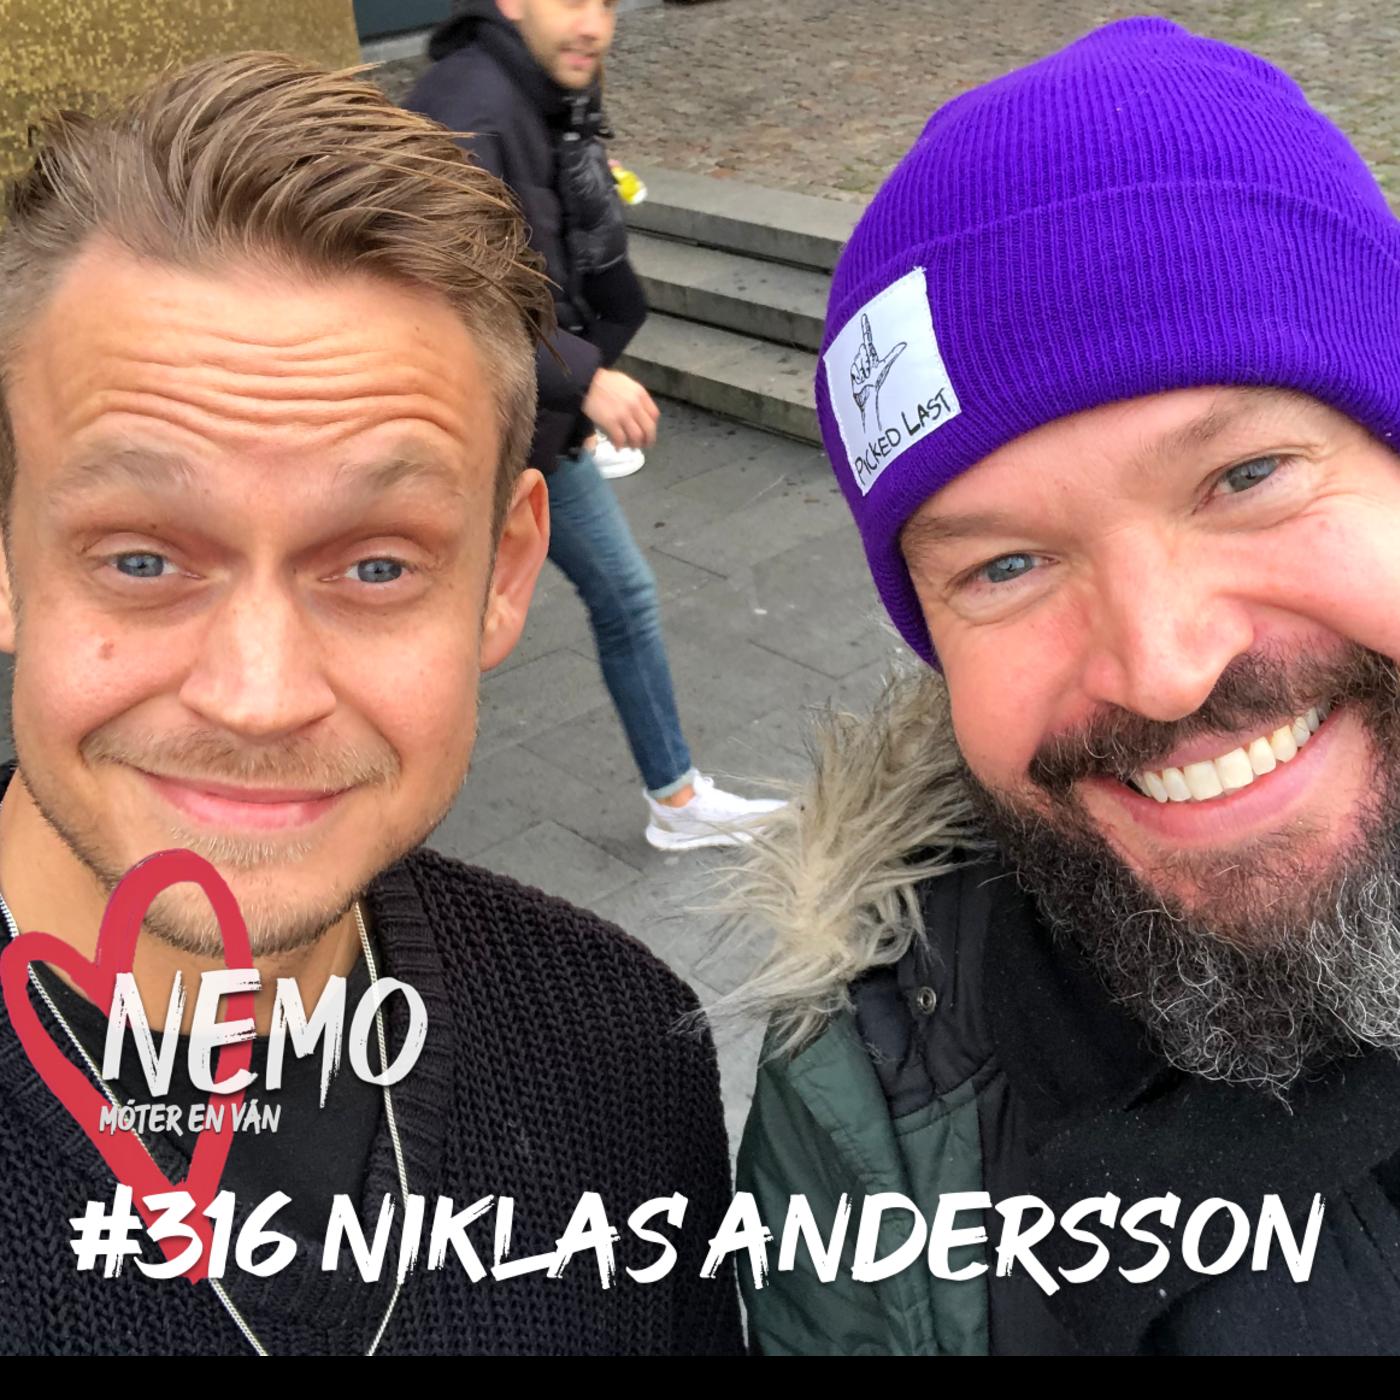 316. Niklas Andersson